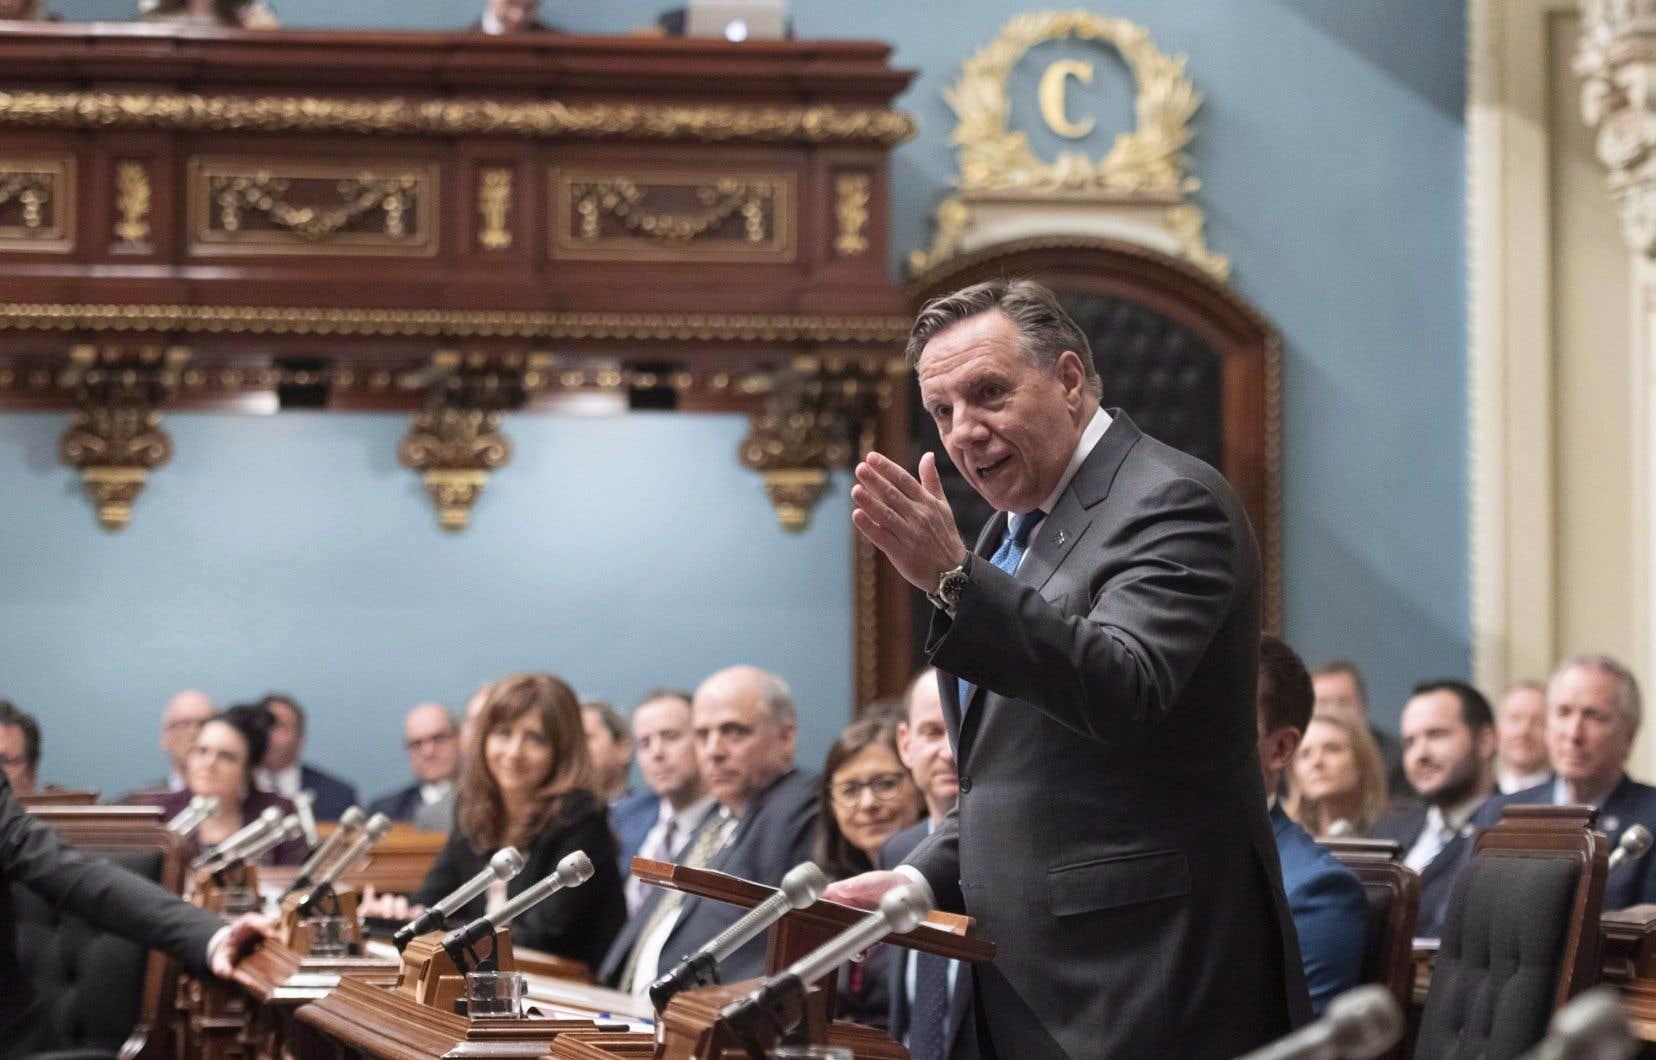 Après l'arrivée de la Coalition avenir Québec aux commandes de l'État, le salaire des directeurs de cabinet a fait un bond.